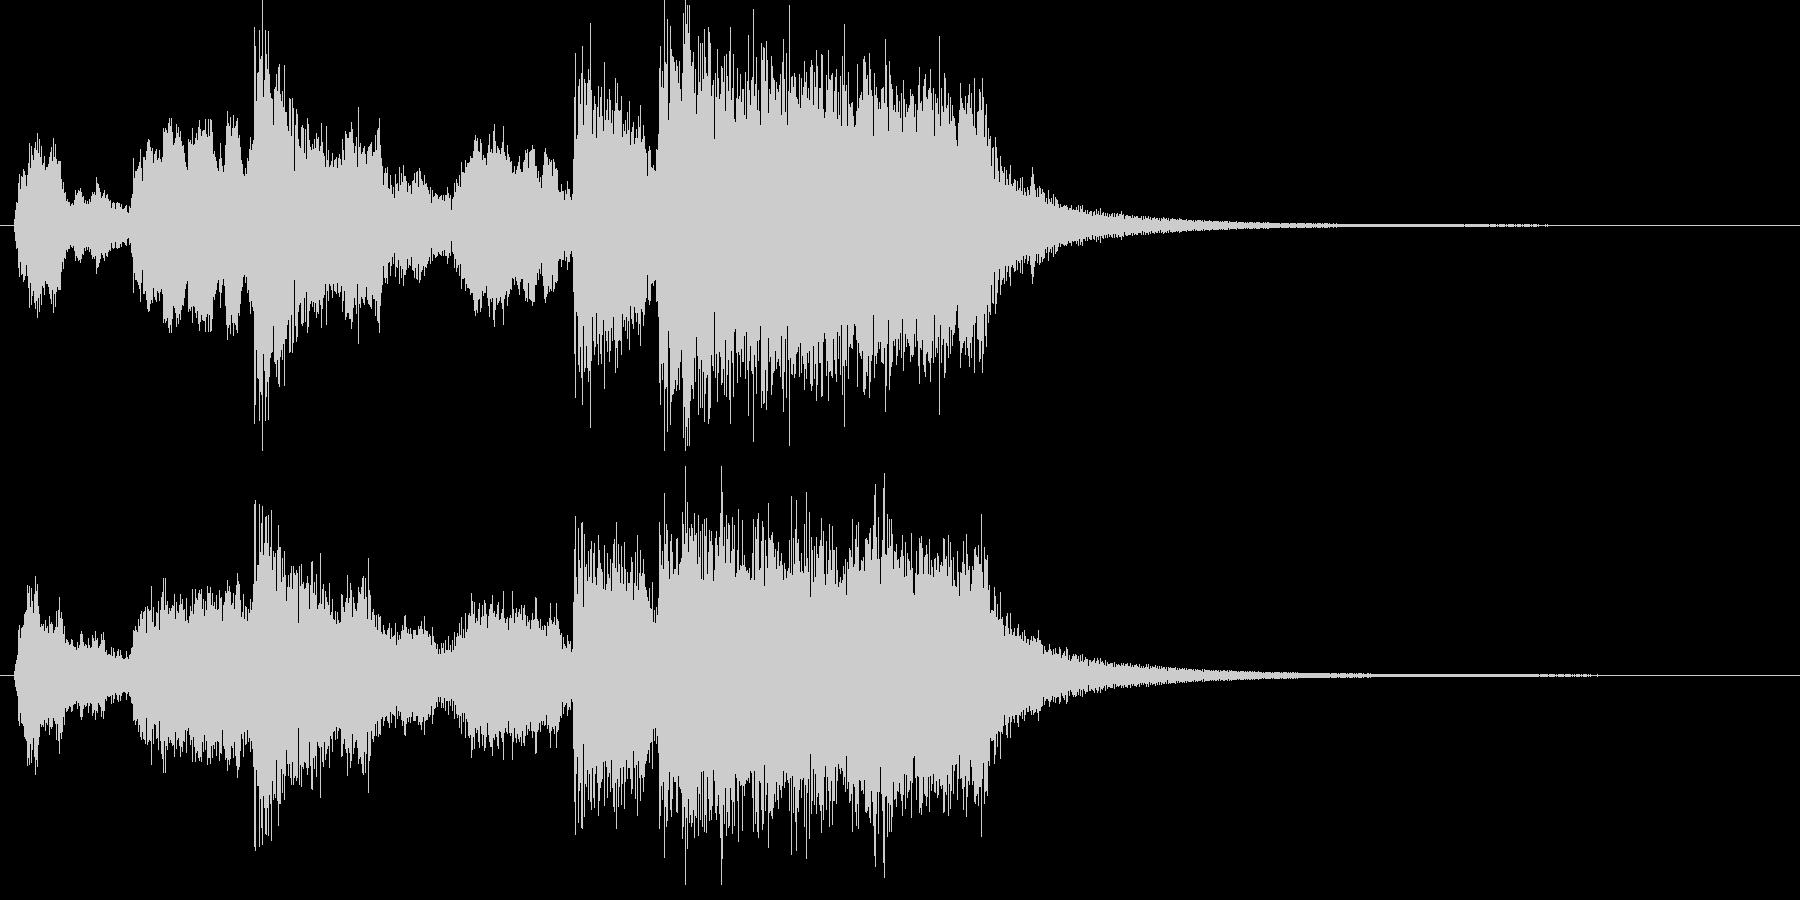 躍動感のある金管ファンファーレの未再生の波形